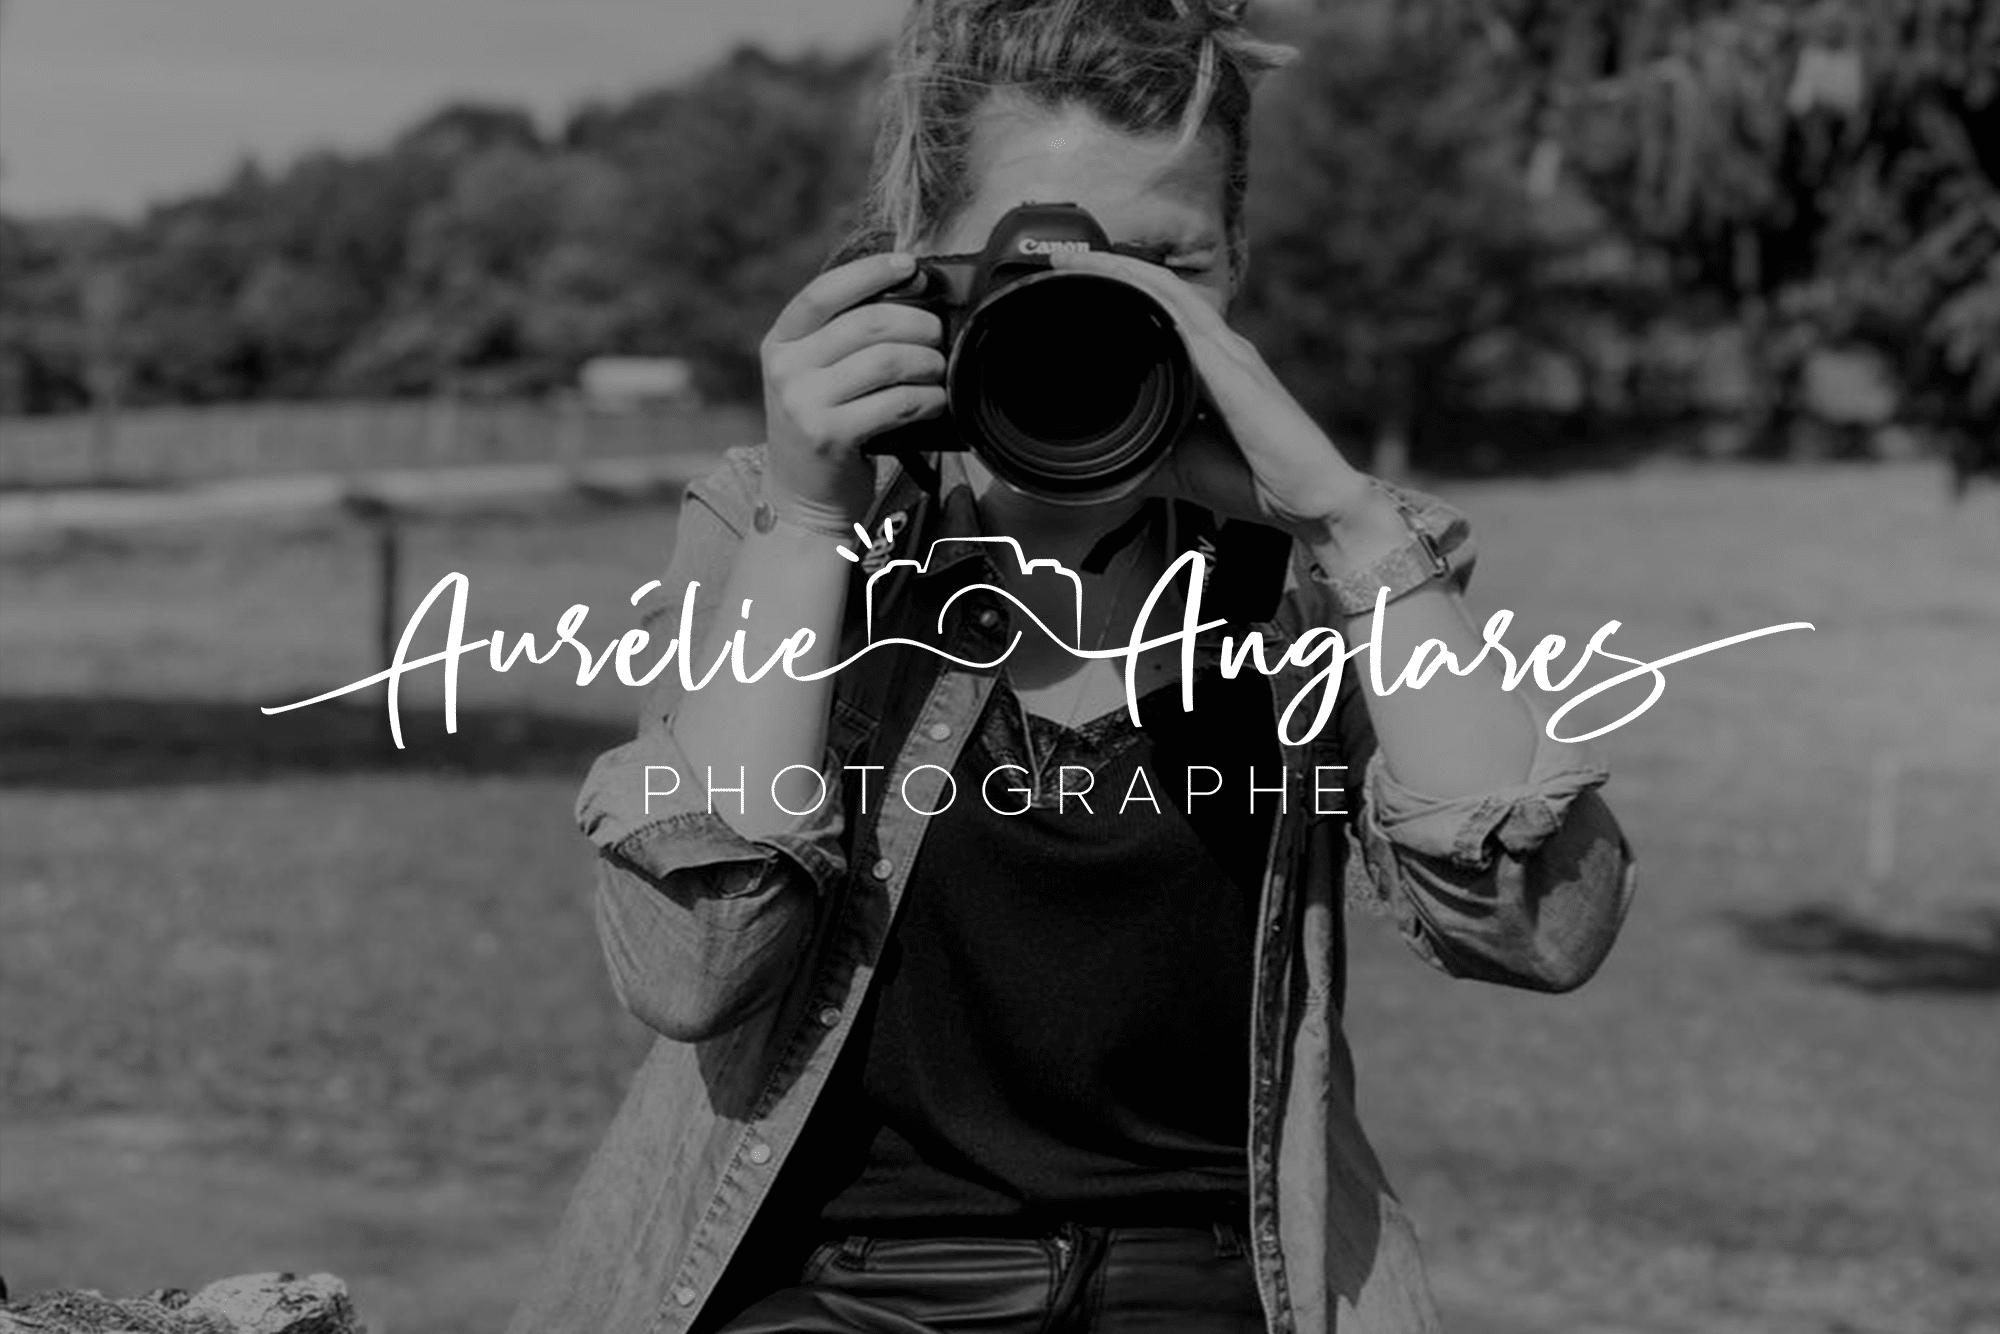 Aurélie Anglares